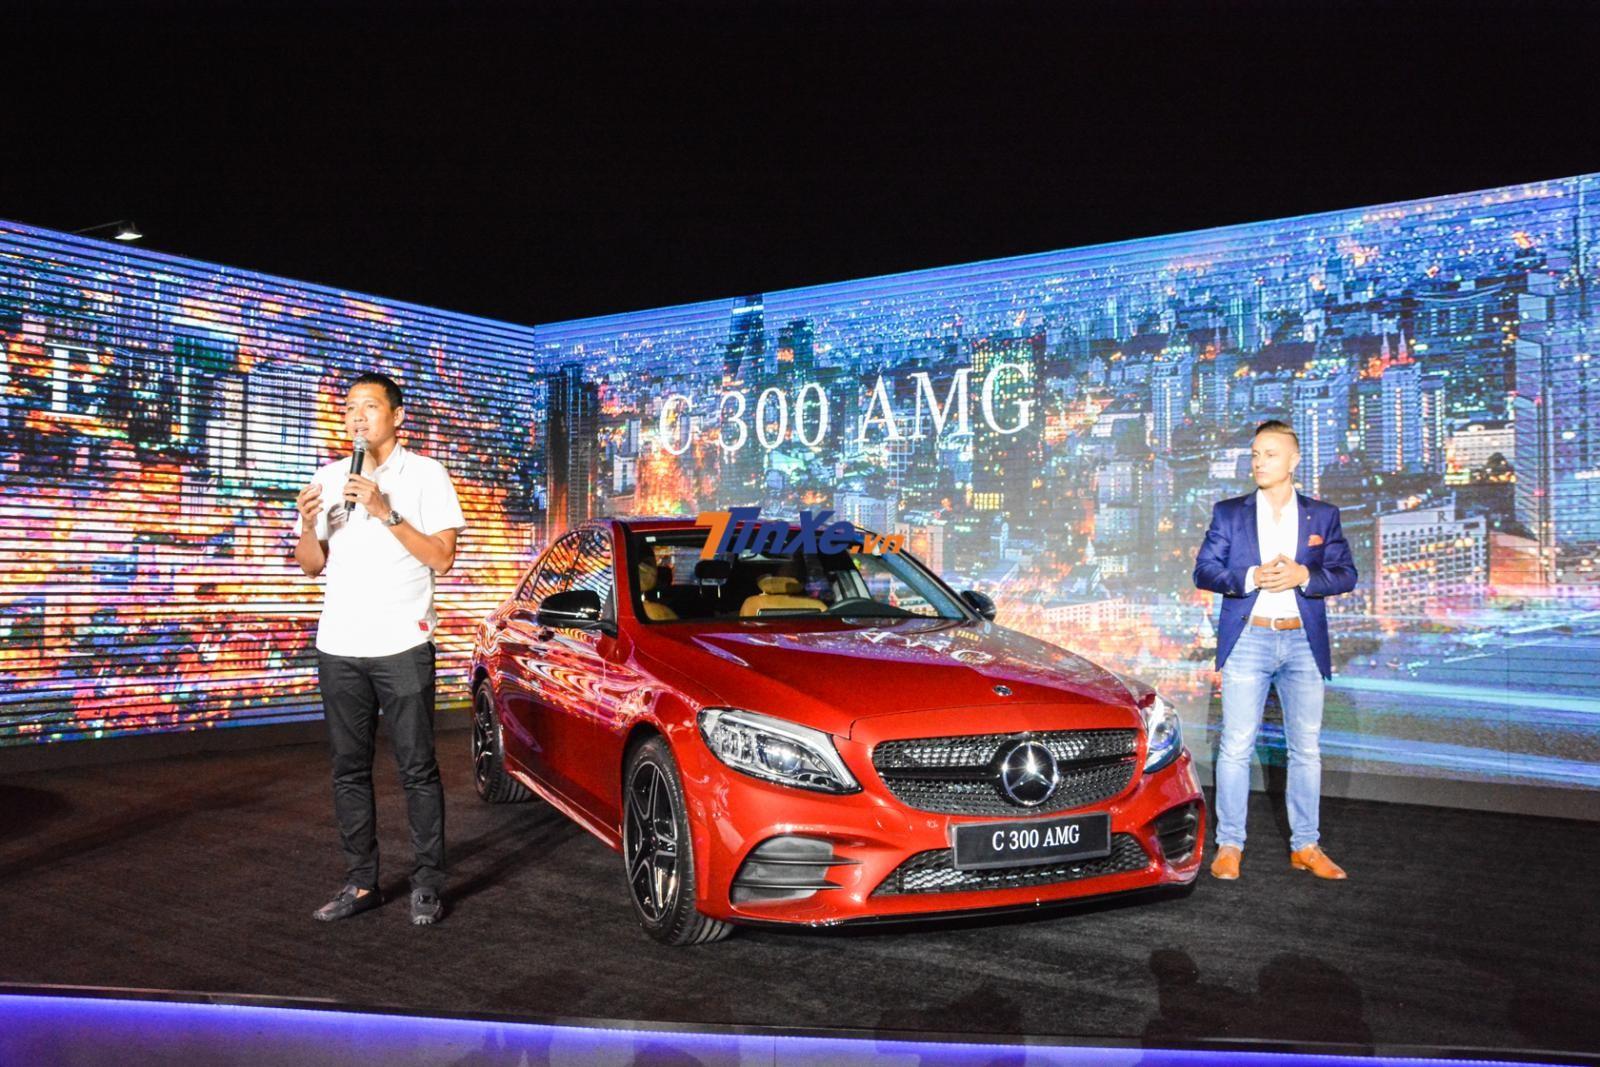 Tiền đạo Anh Đức cũng có mặt trong buổi giới thiệu Mercedes-Benz C-Class 2019 tại Việt Nam